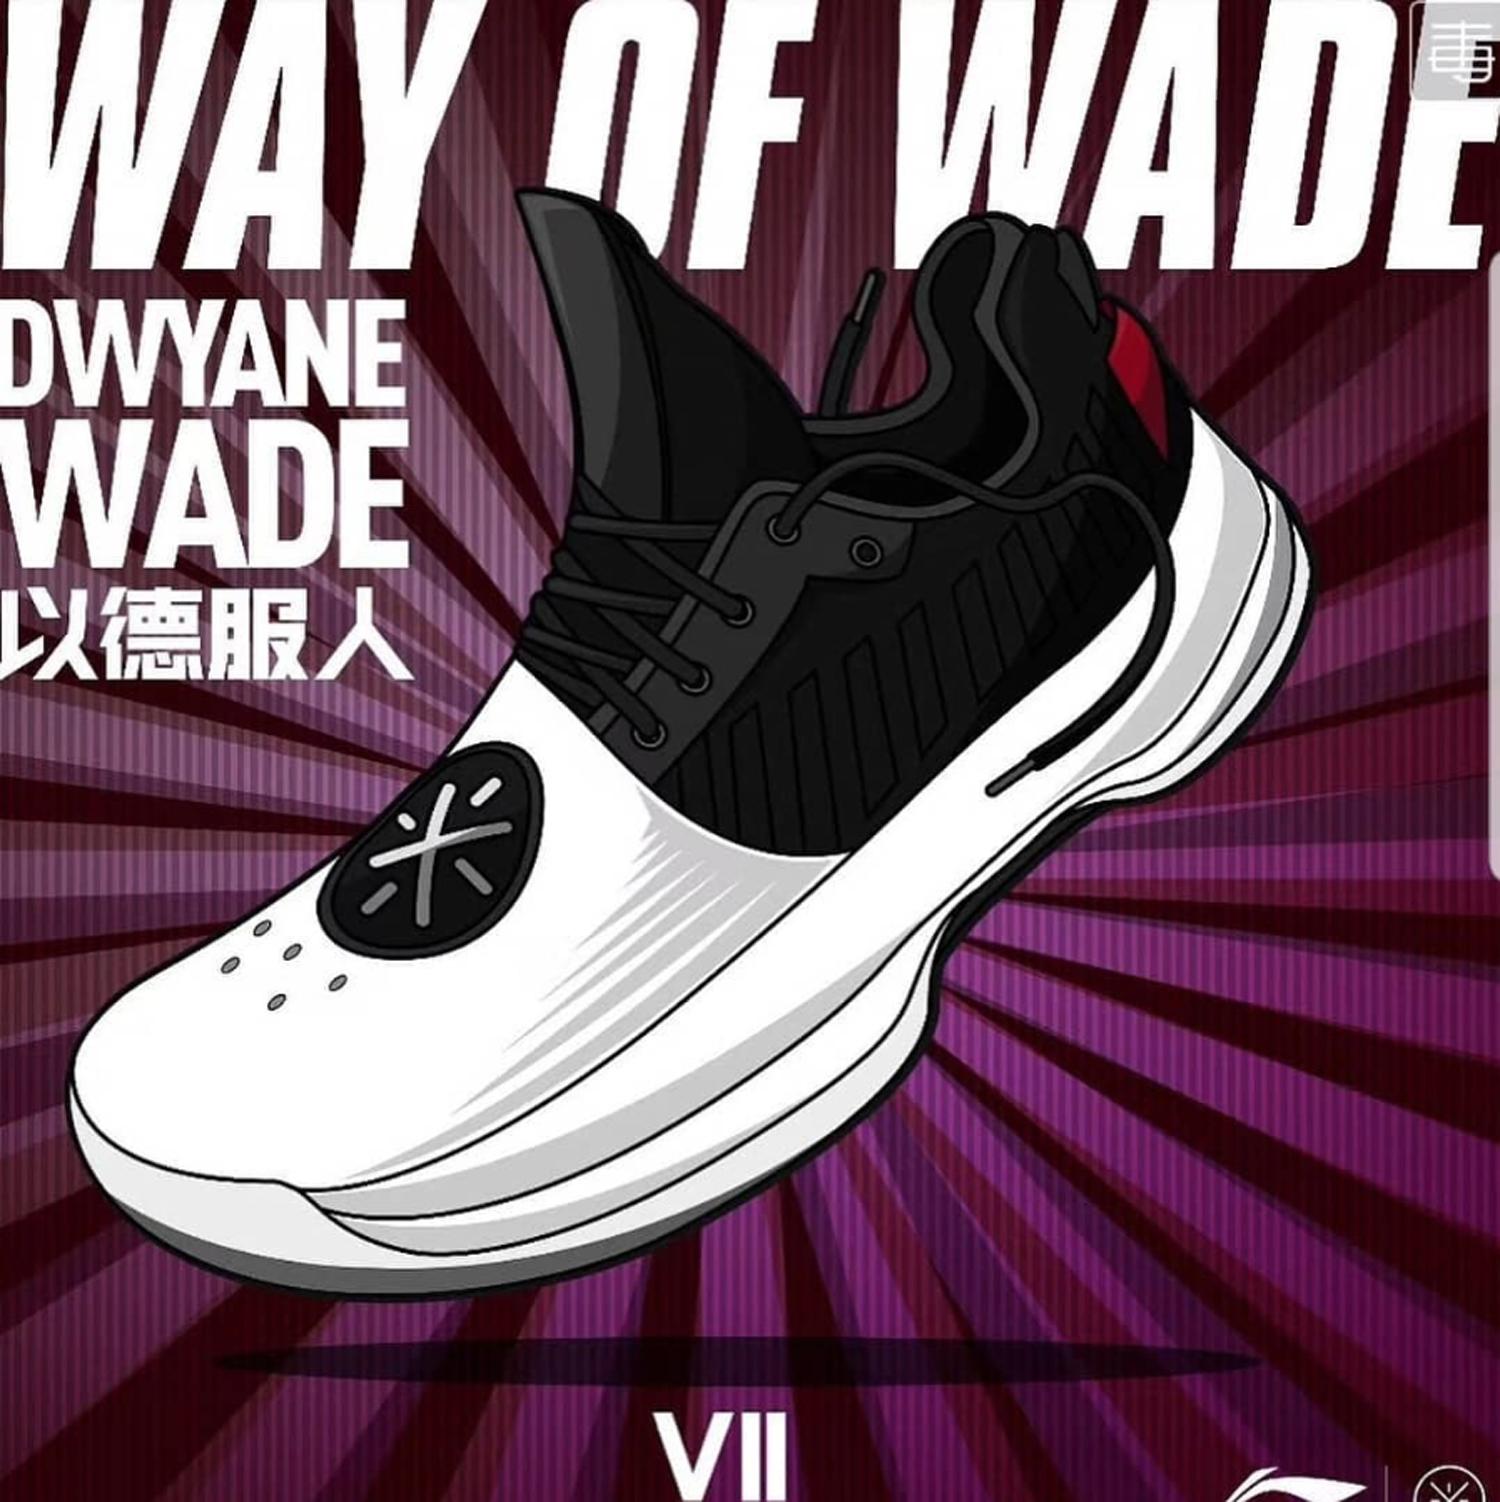 d wade 7